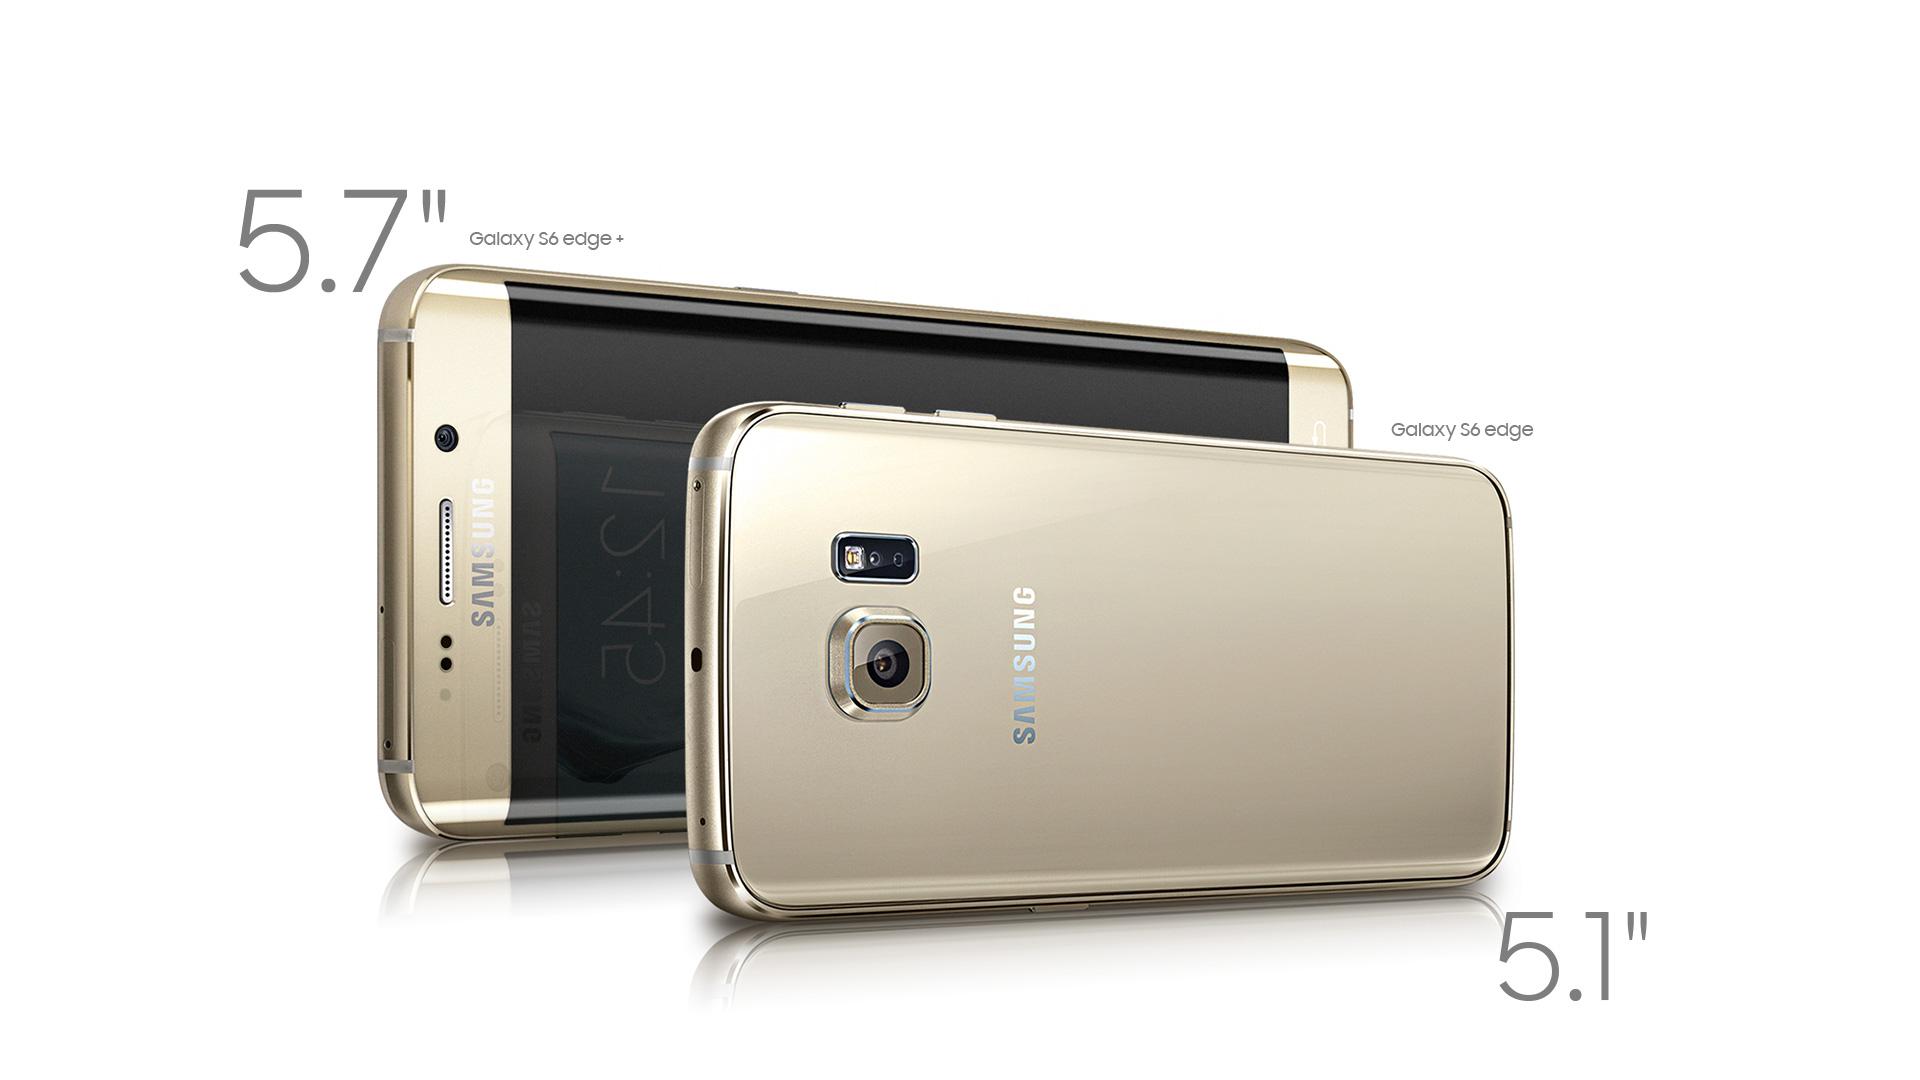 Perbedaan Galaxy S6 edge+ & Galaxy S6